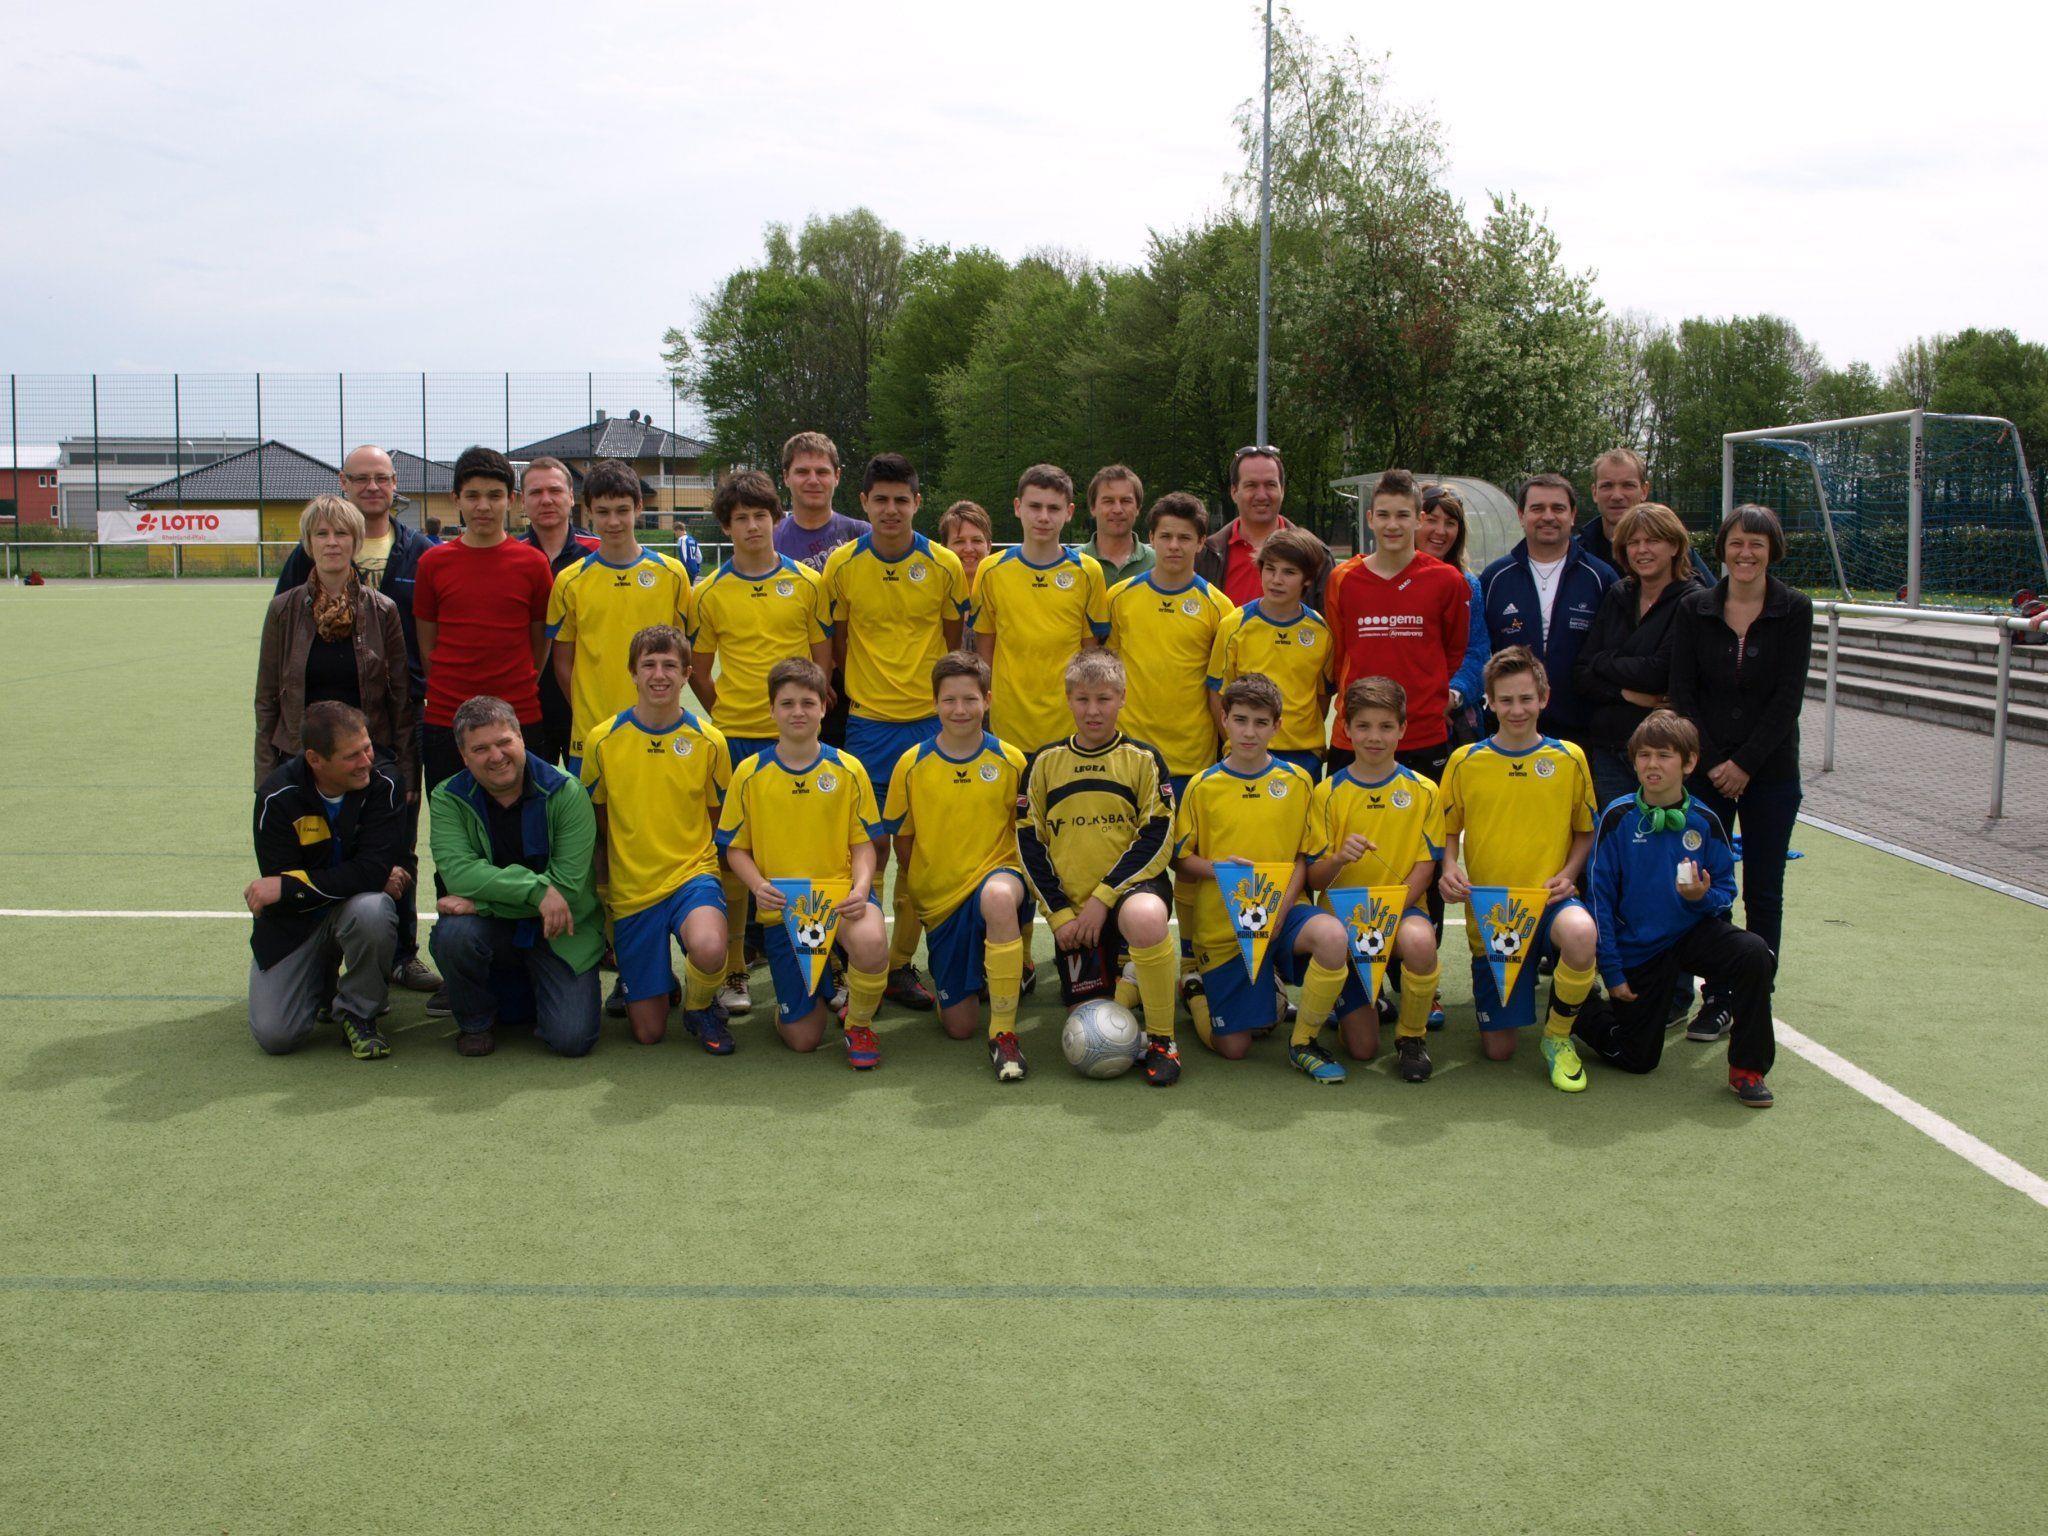 Mit einem Turniersieg kehrte die U-15-Truppe von VfB Hohenems aus Deutschland zurück.